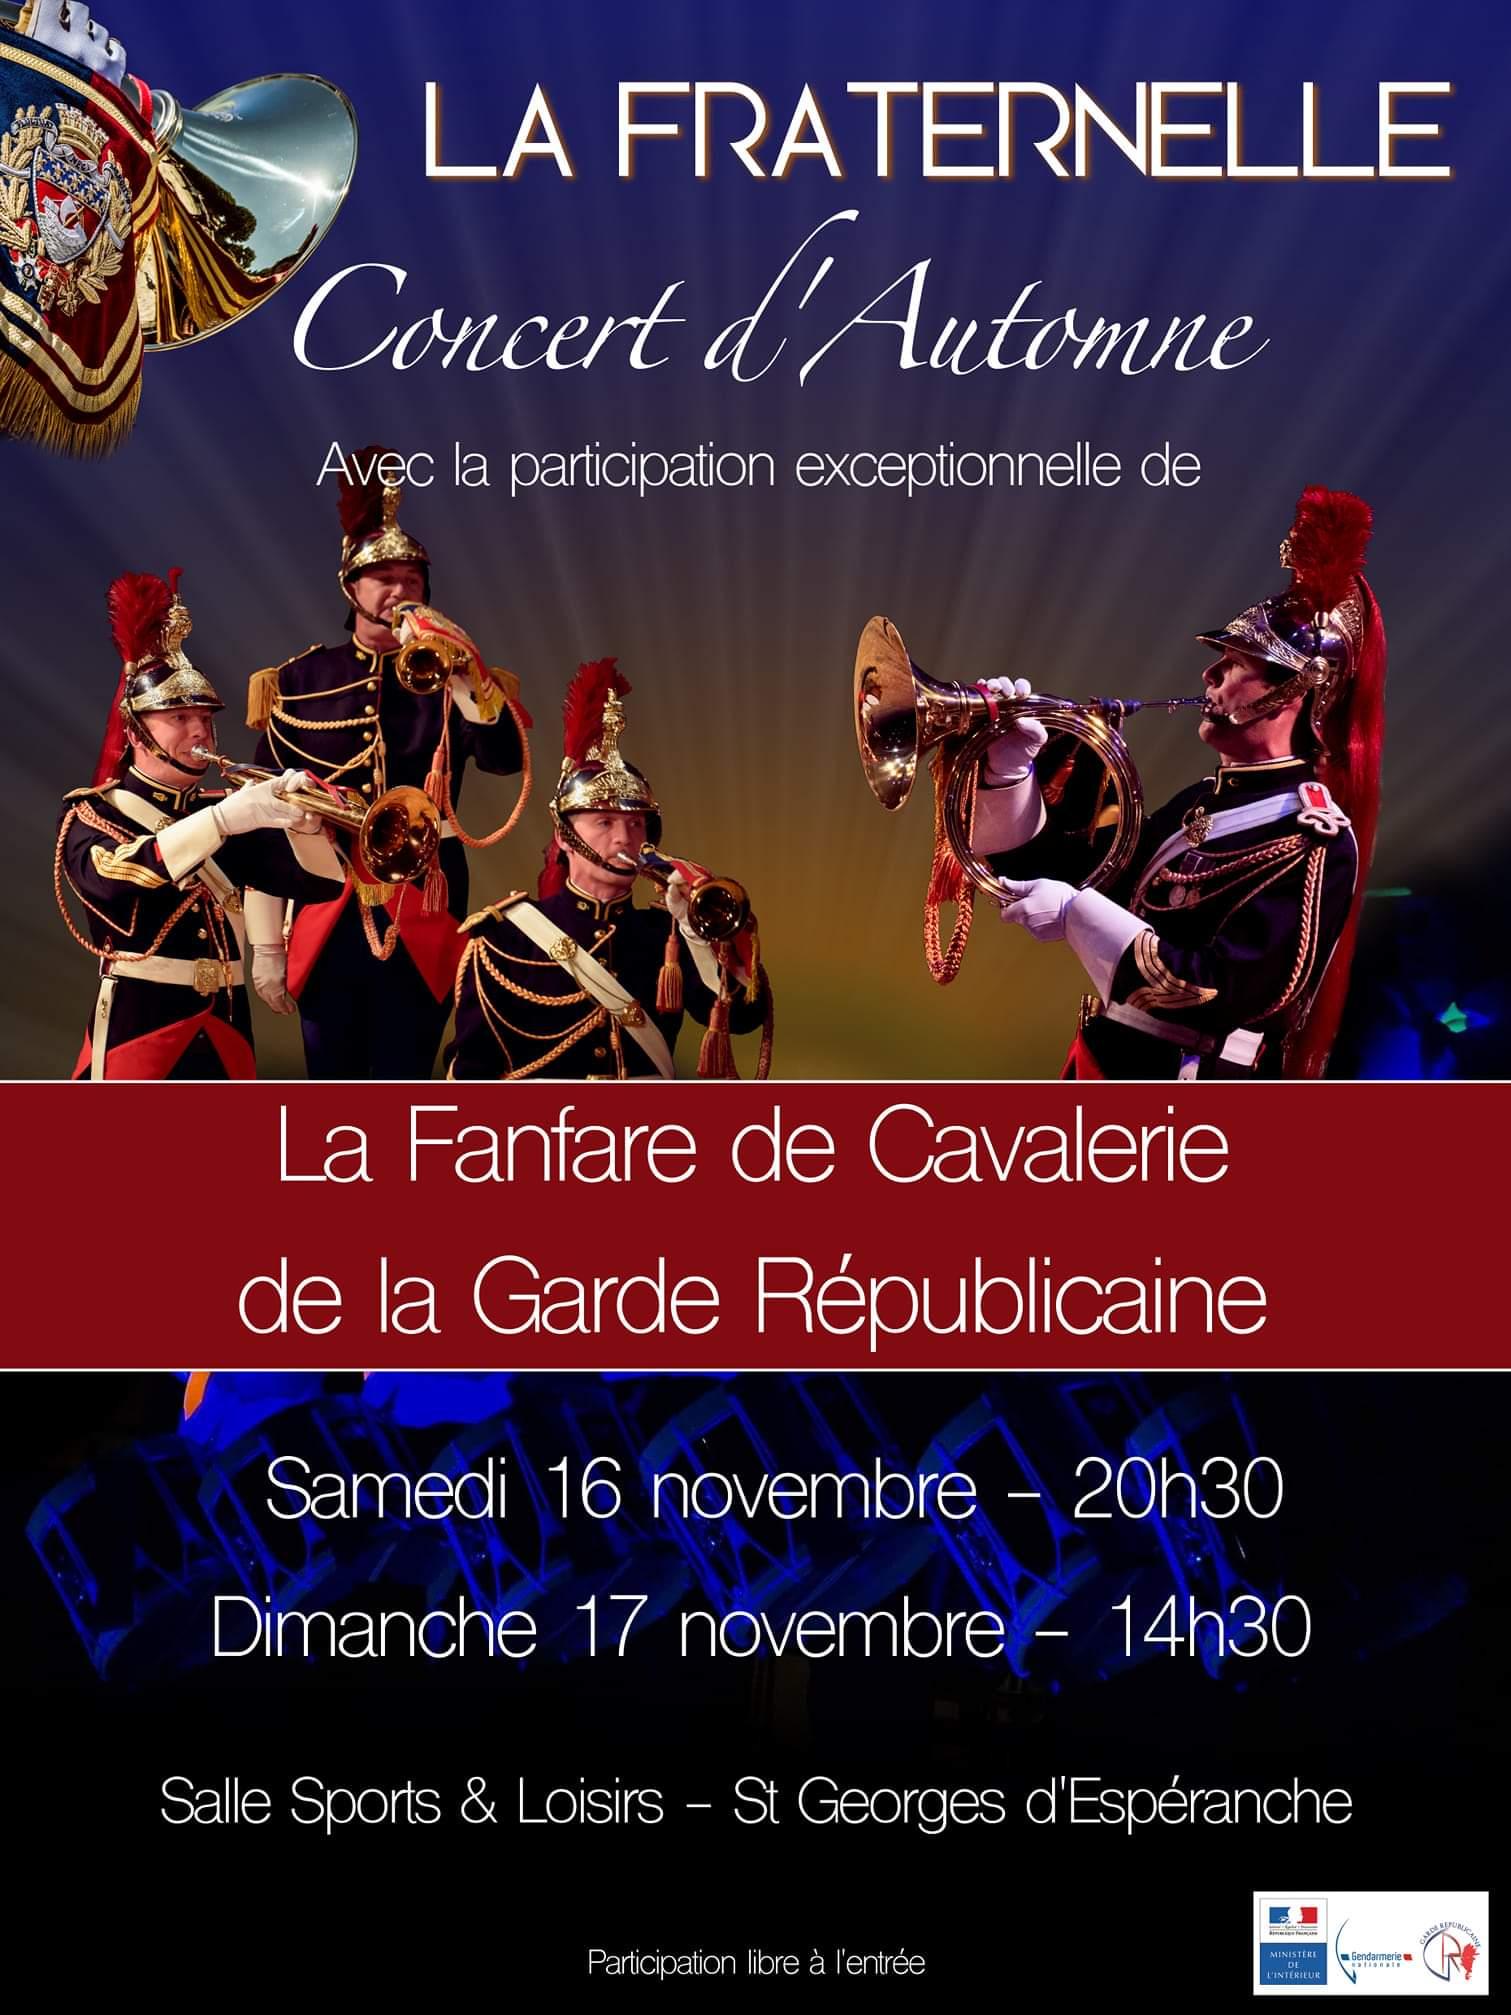 Concert automne La Fraternelle fanfare cavalerie garde republicaine